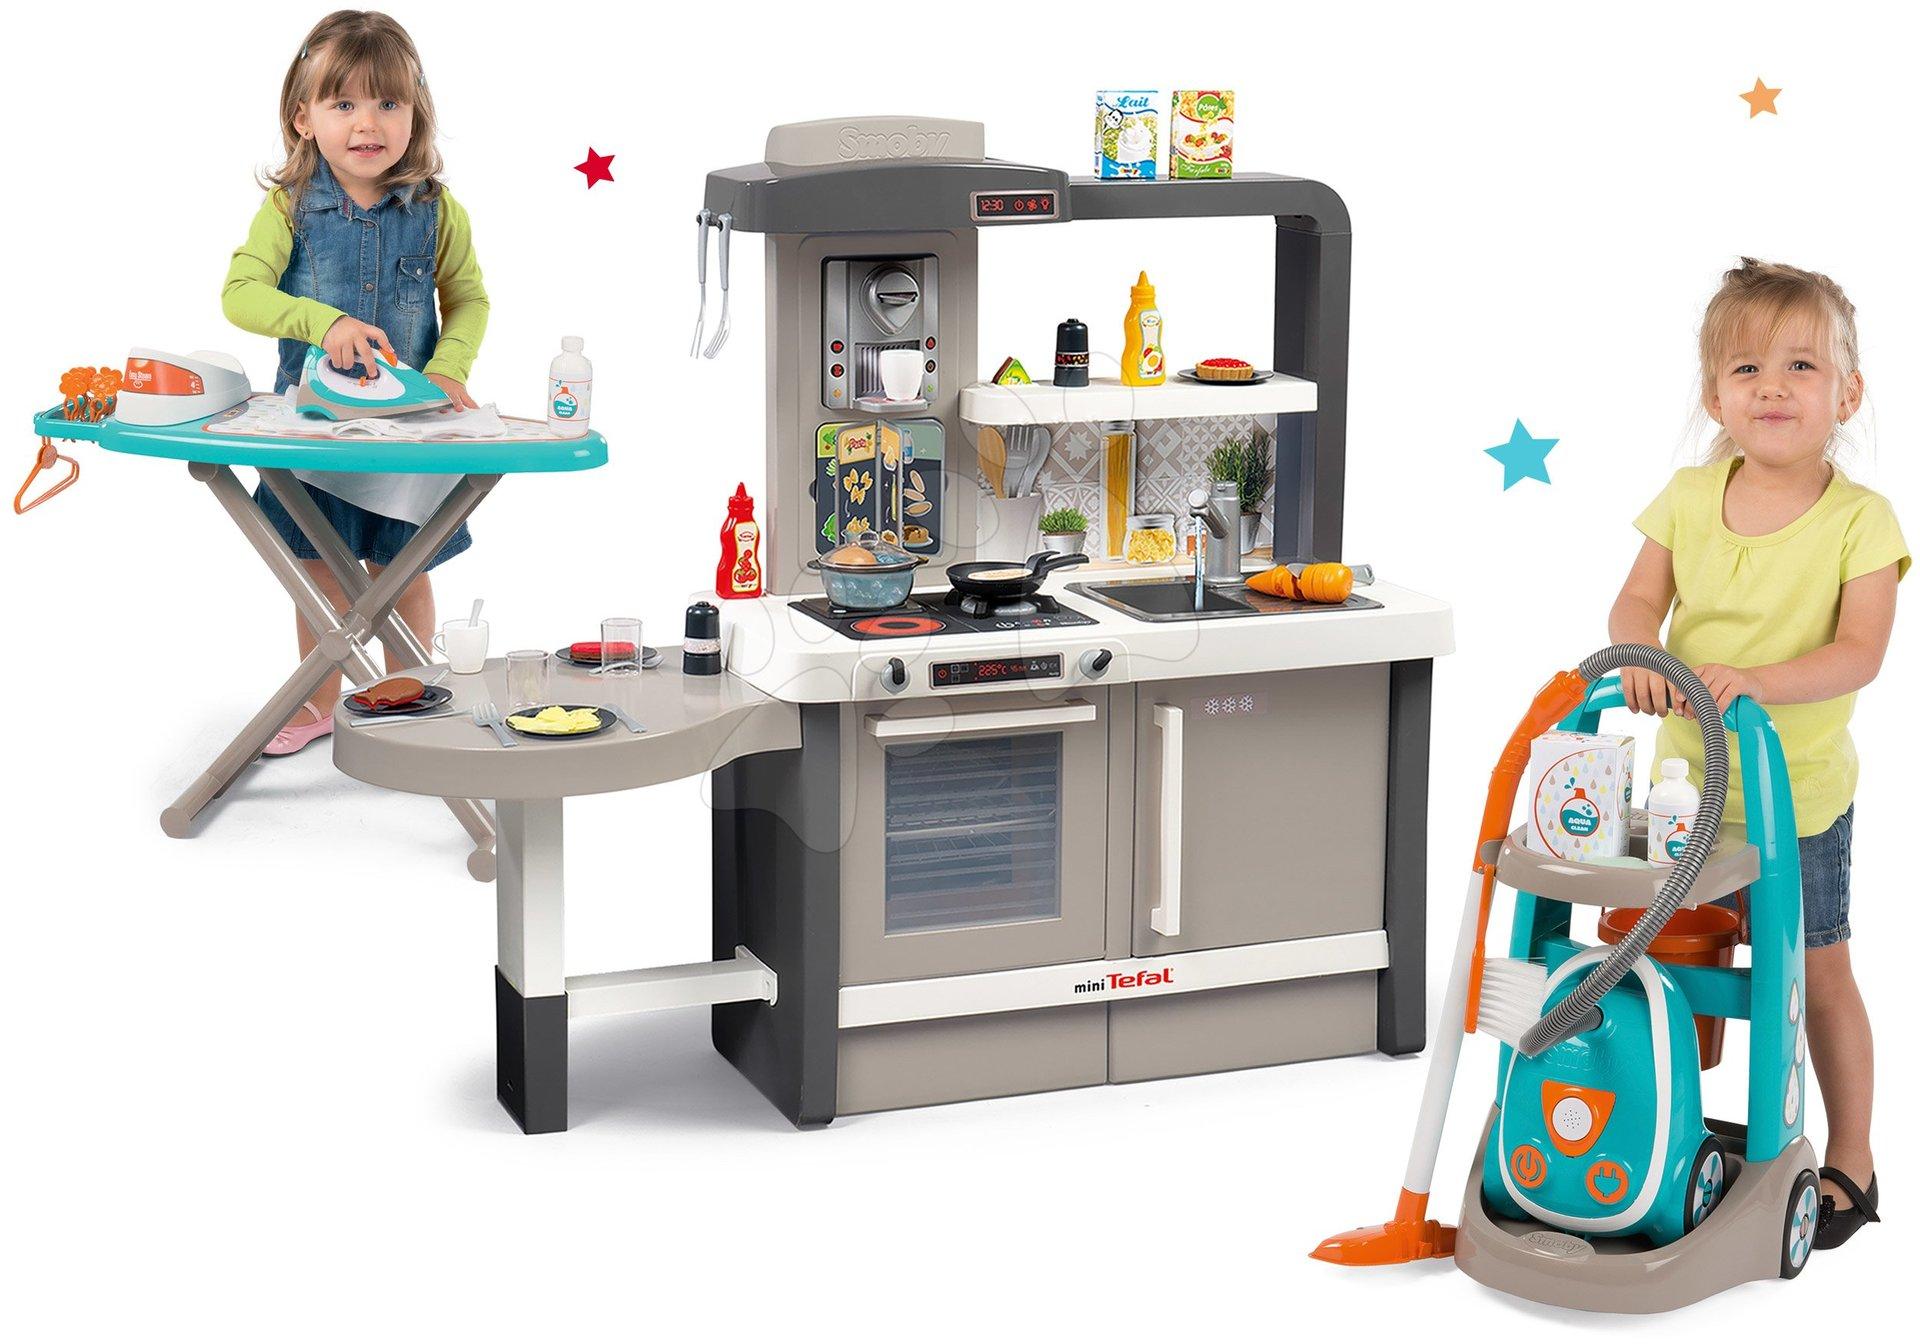 Komplet rastoča kuhinja s tekočo vodo Tefal Evolutive Smoby in čistilni voziček s sesalnikom in likalno desko